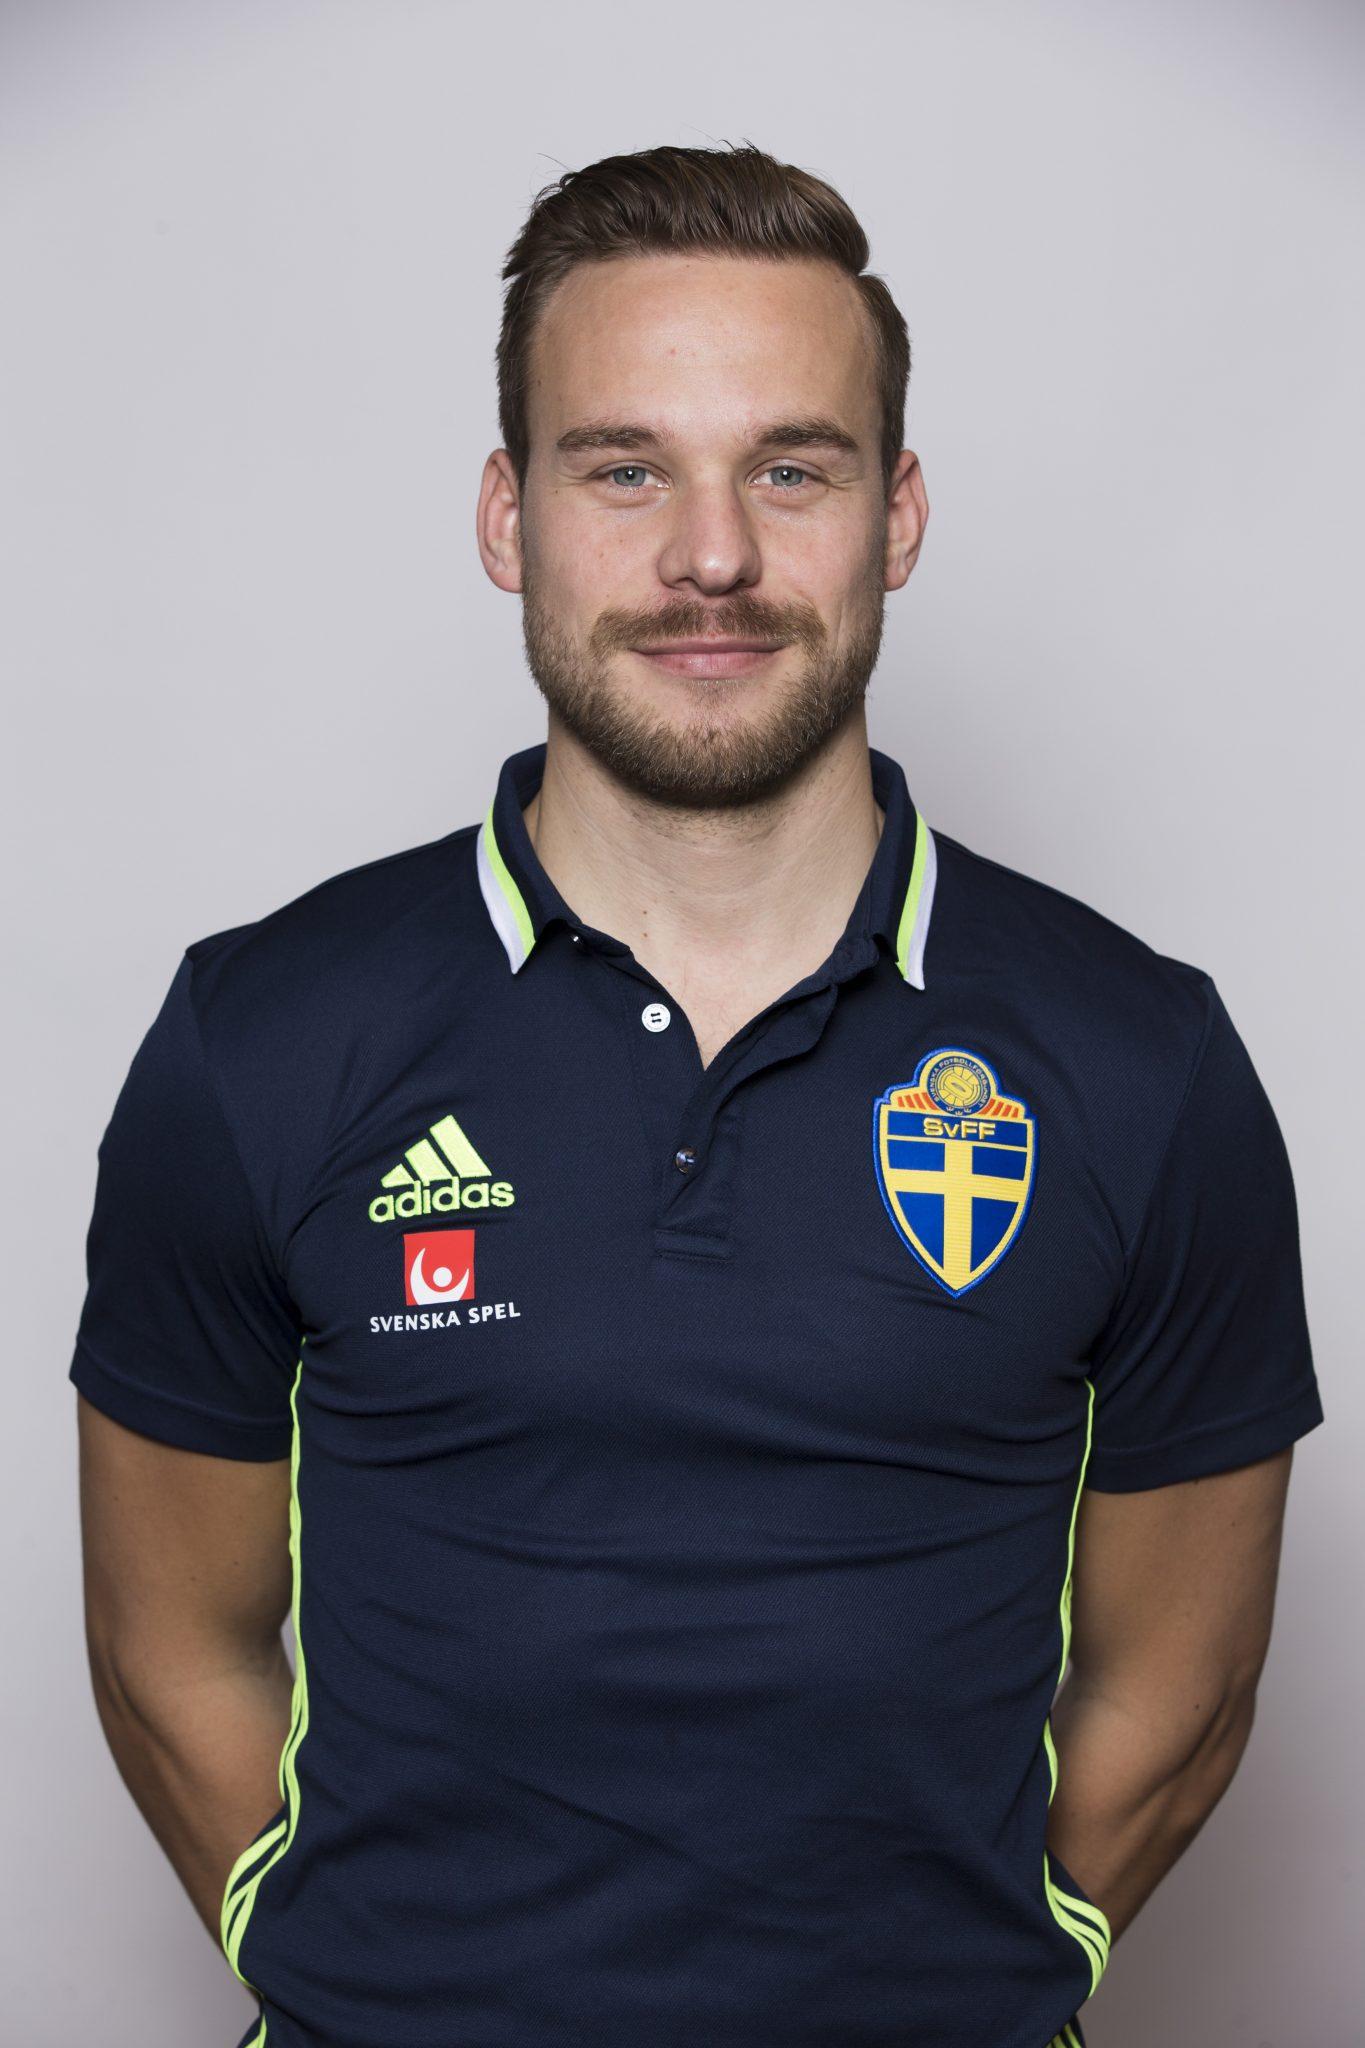 Speltips Sundsvall - Malmö